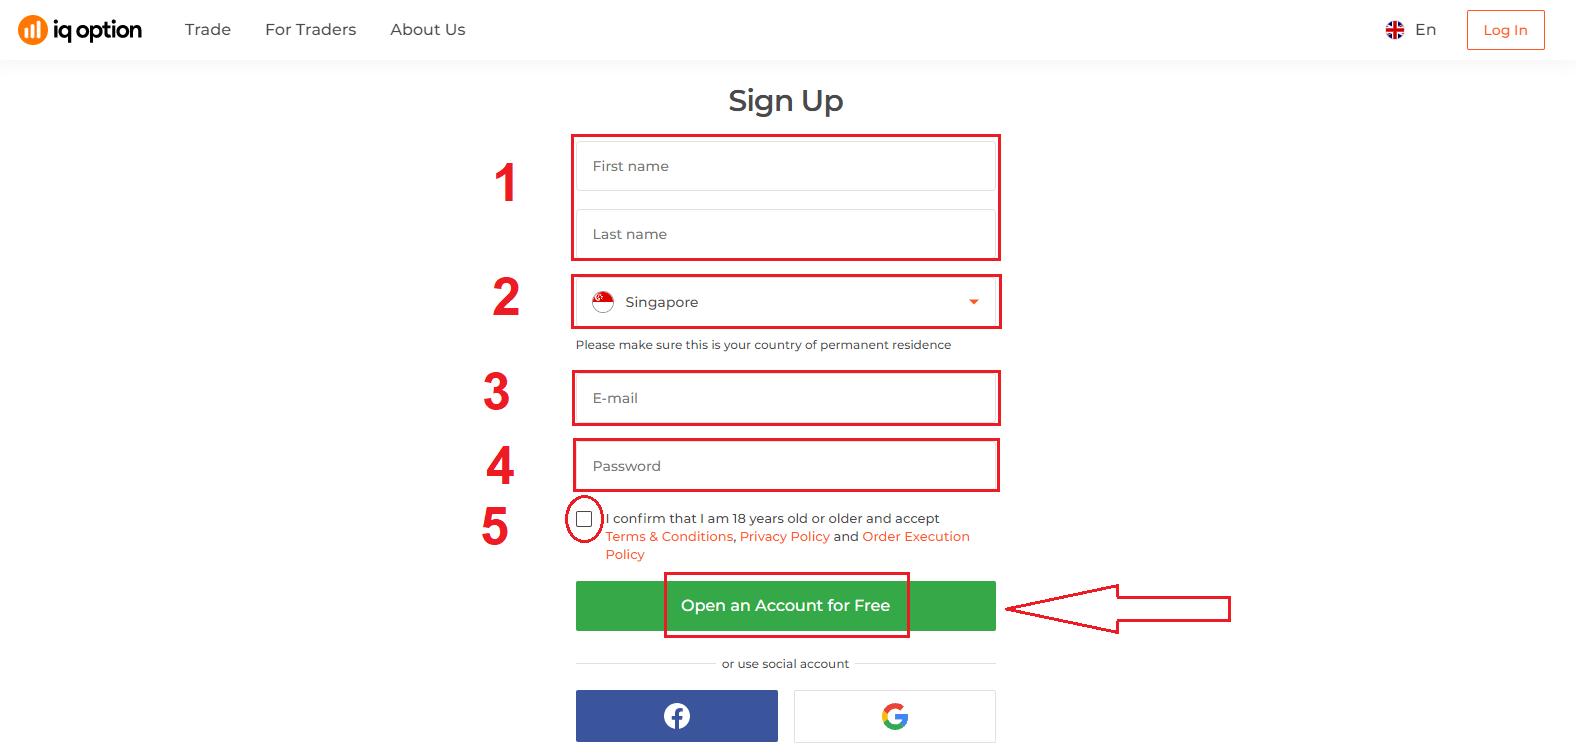 Cara Mendaftar dan Mendeposit Wang di IQ Option